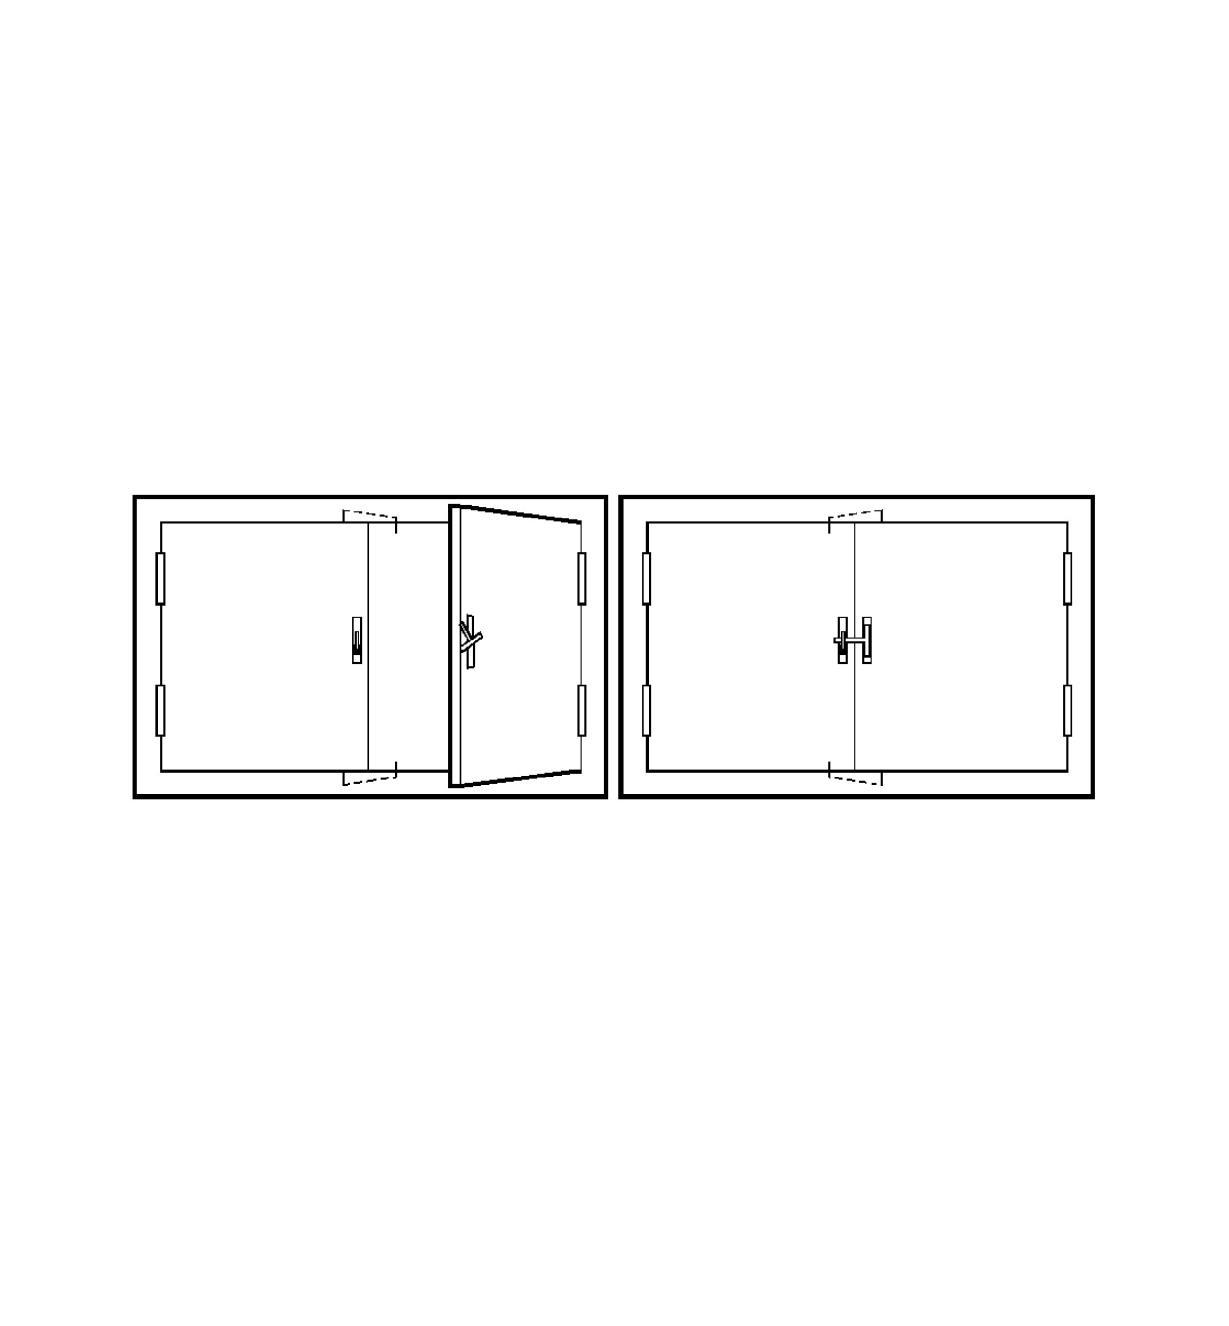 00H3101 - Loquet encastré pour portes sans dormant